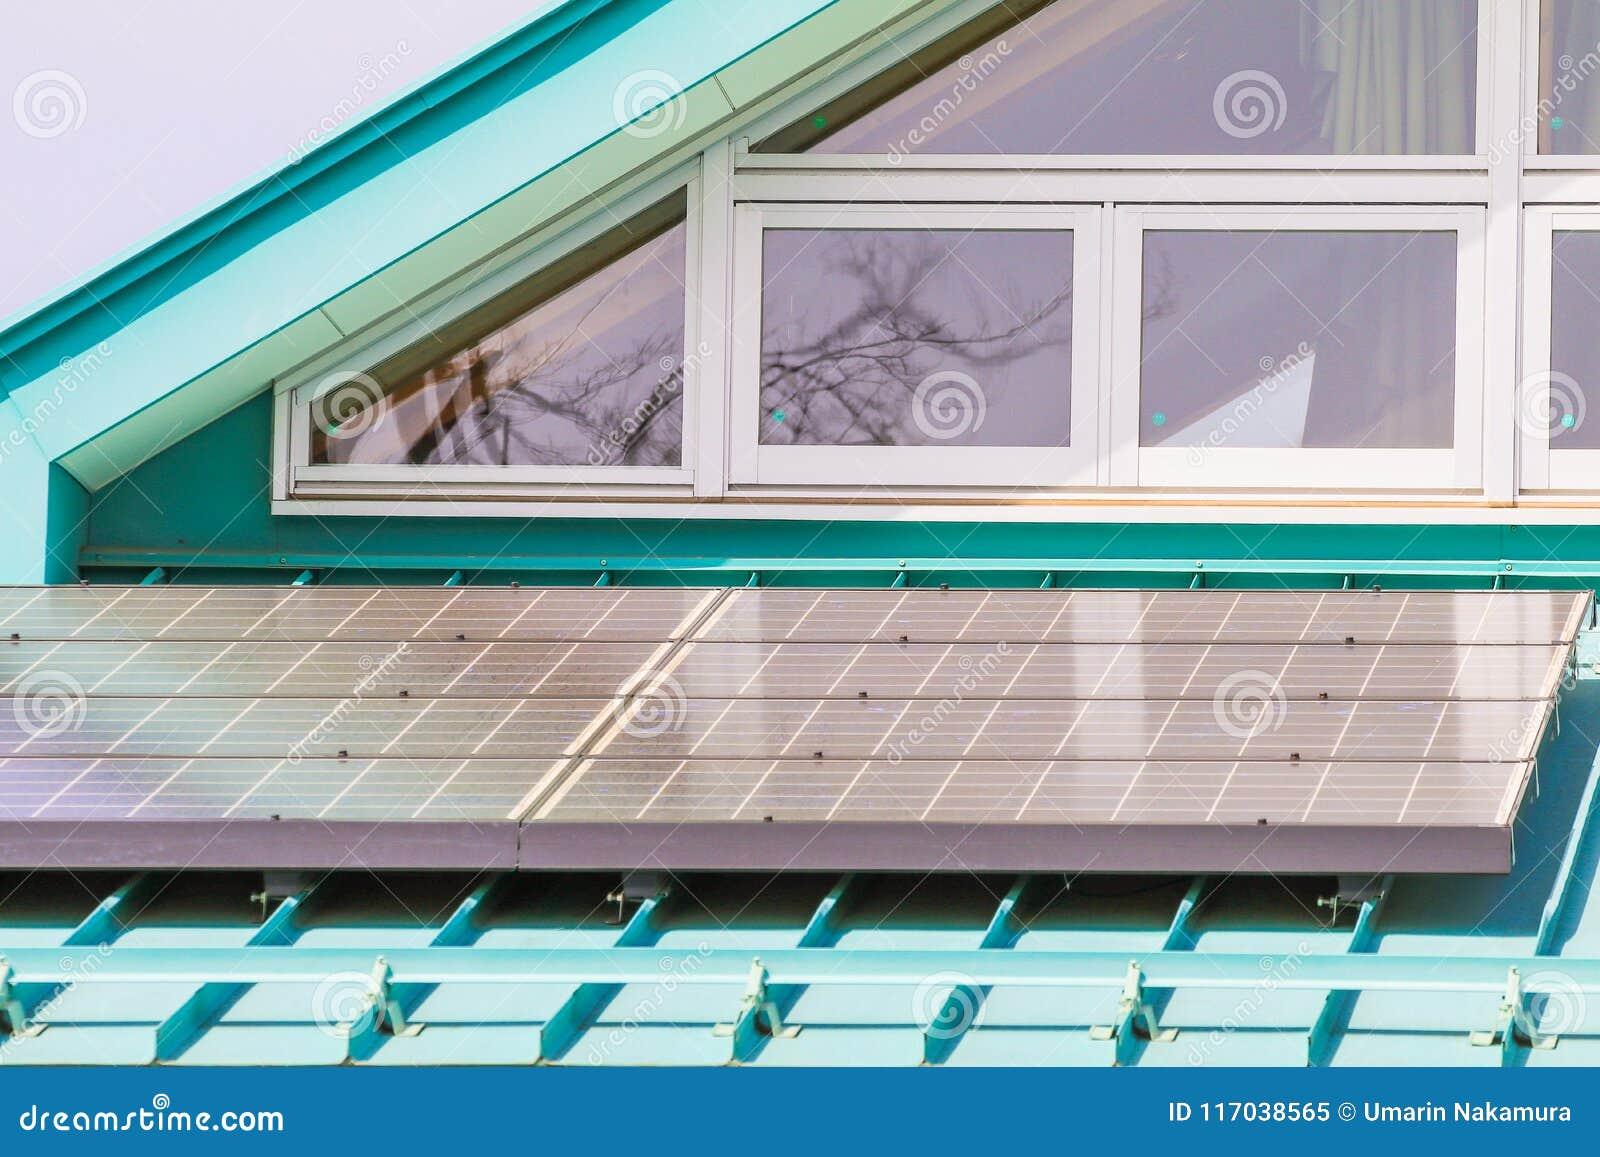 Sonnenkollektor auf Dach, photo-voltaische Module für Innovation grünen Energie FO